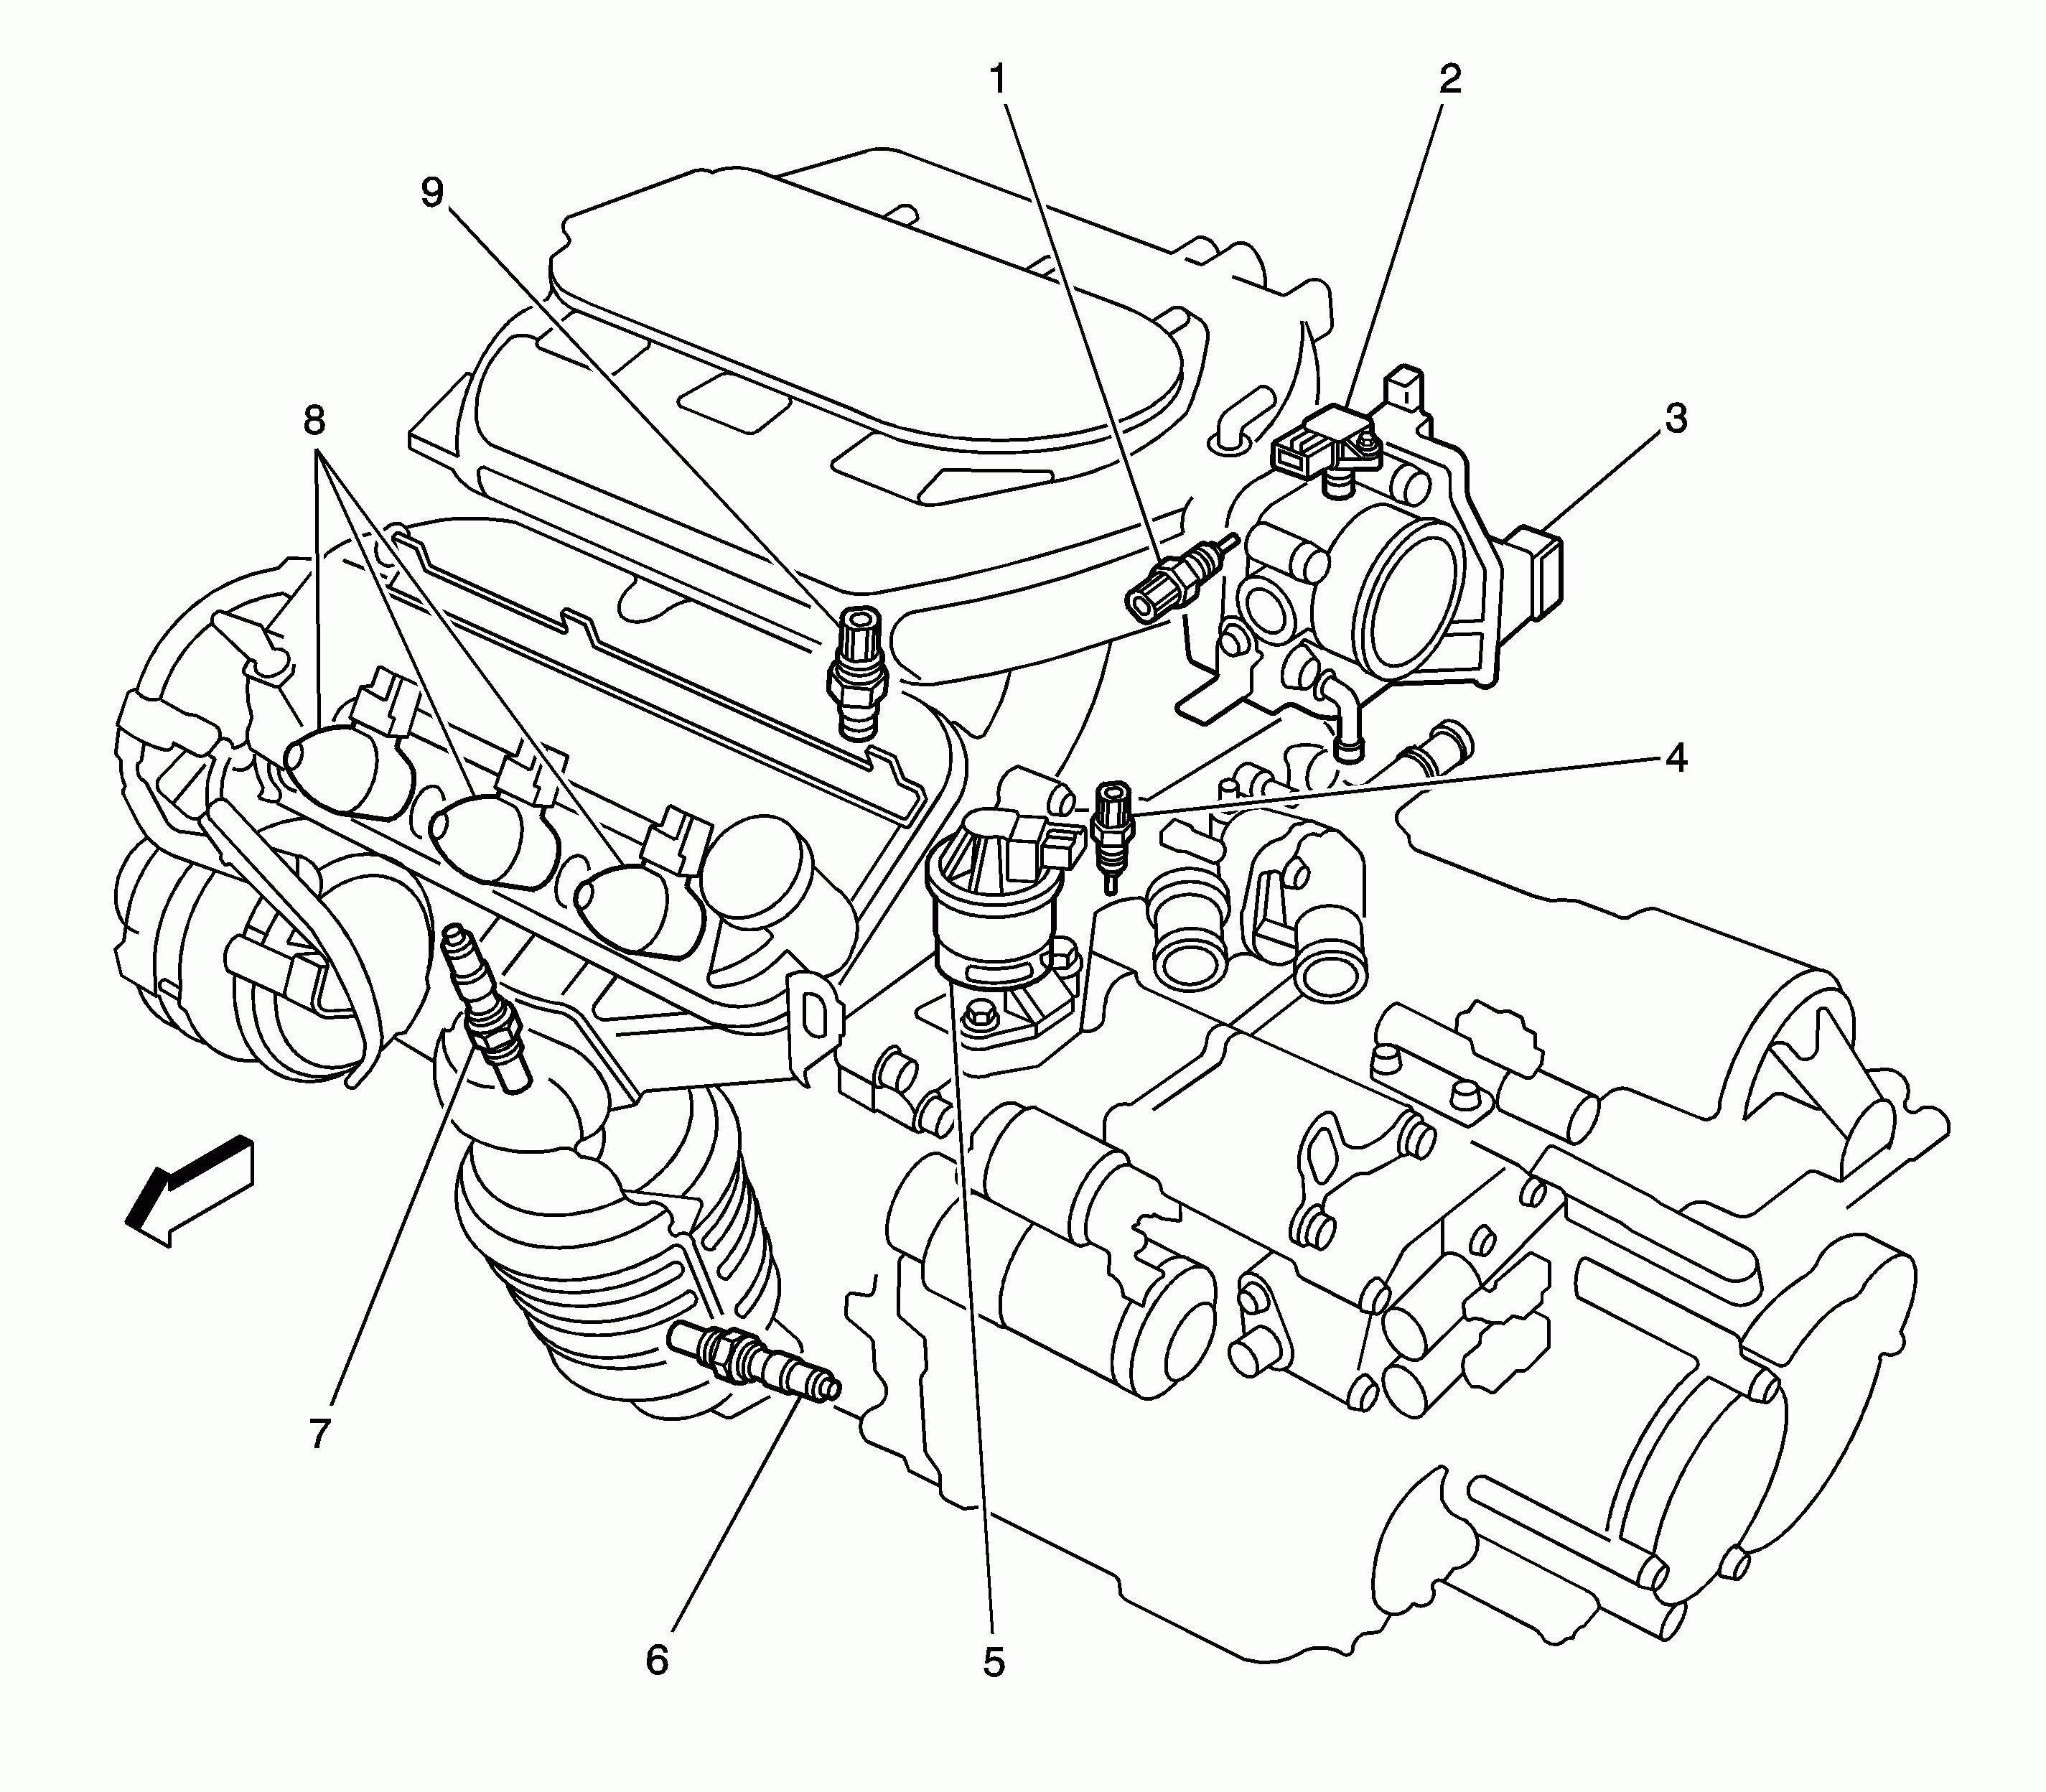 2002 Saturn Sl2 Engine Diagram Saturn 3 0 Engine Diagram Trusted Wiring Diagrams • Of 2002 Saturn Sl2 Engine Diagram Saturn 3 0 Engine Diagram Trusted Wiring Diagrams •